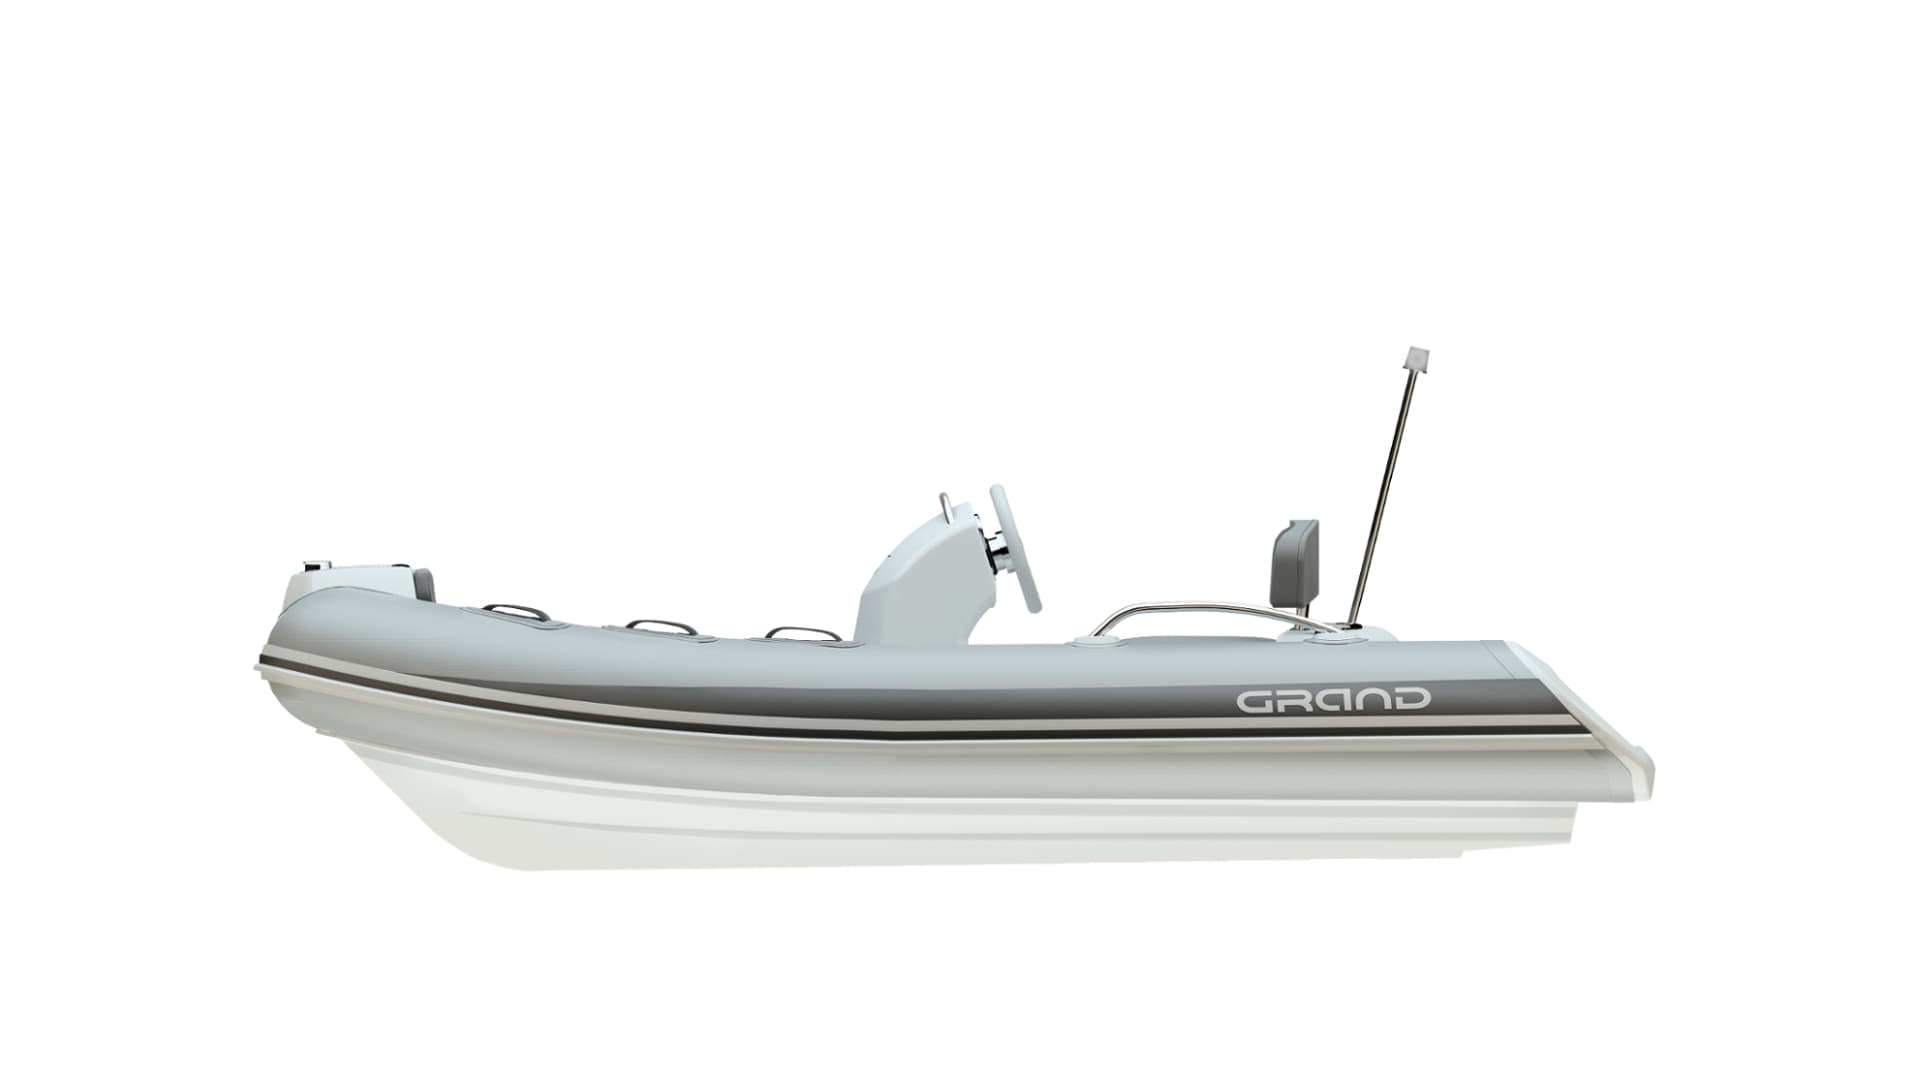 Надувная лодка GRAND Golden Line G380EF,  GRAND Golden Line G380EF,  GRAND G380EF, Надувная лодка GRAND Golden Line G380,  GRAND Golden Line G380,  GRAND G380, Надувная лодка GRAND, Надувная лодка с жестким дном,  Rigid Inflatable Boats, RIB